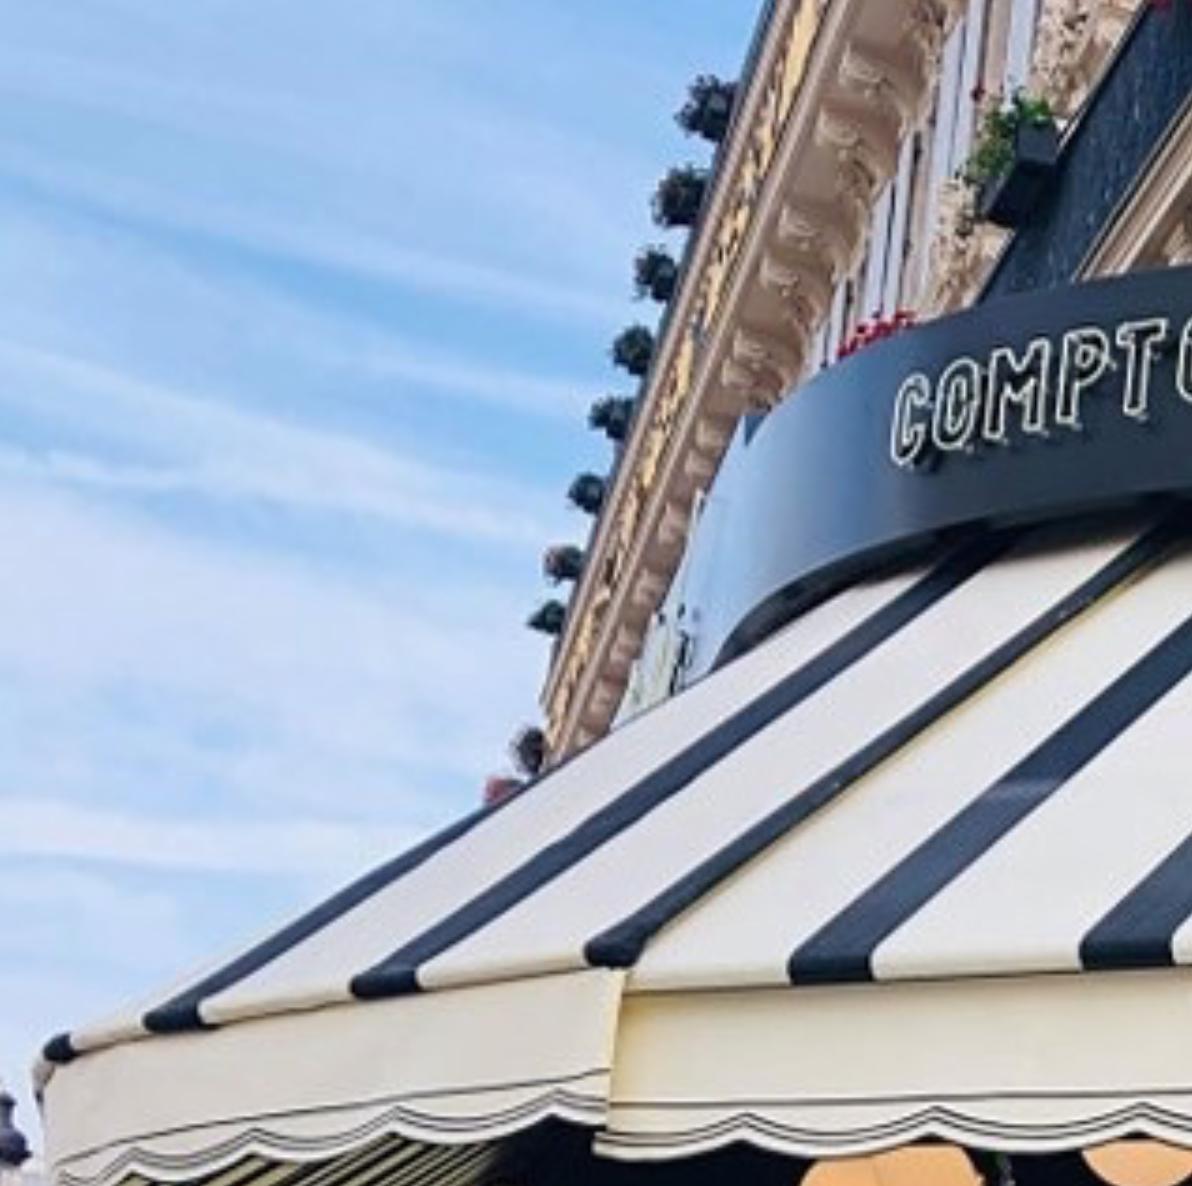 Brasserie Terminus Nord (Parijs) krijgt opfrisbeurt